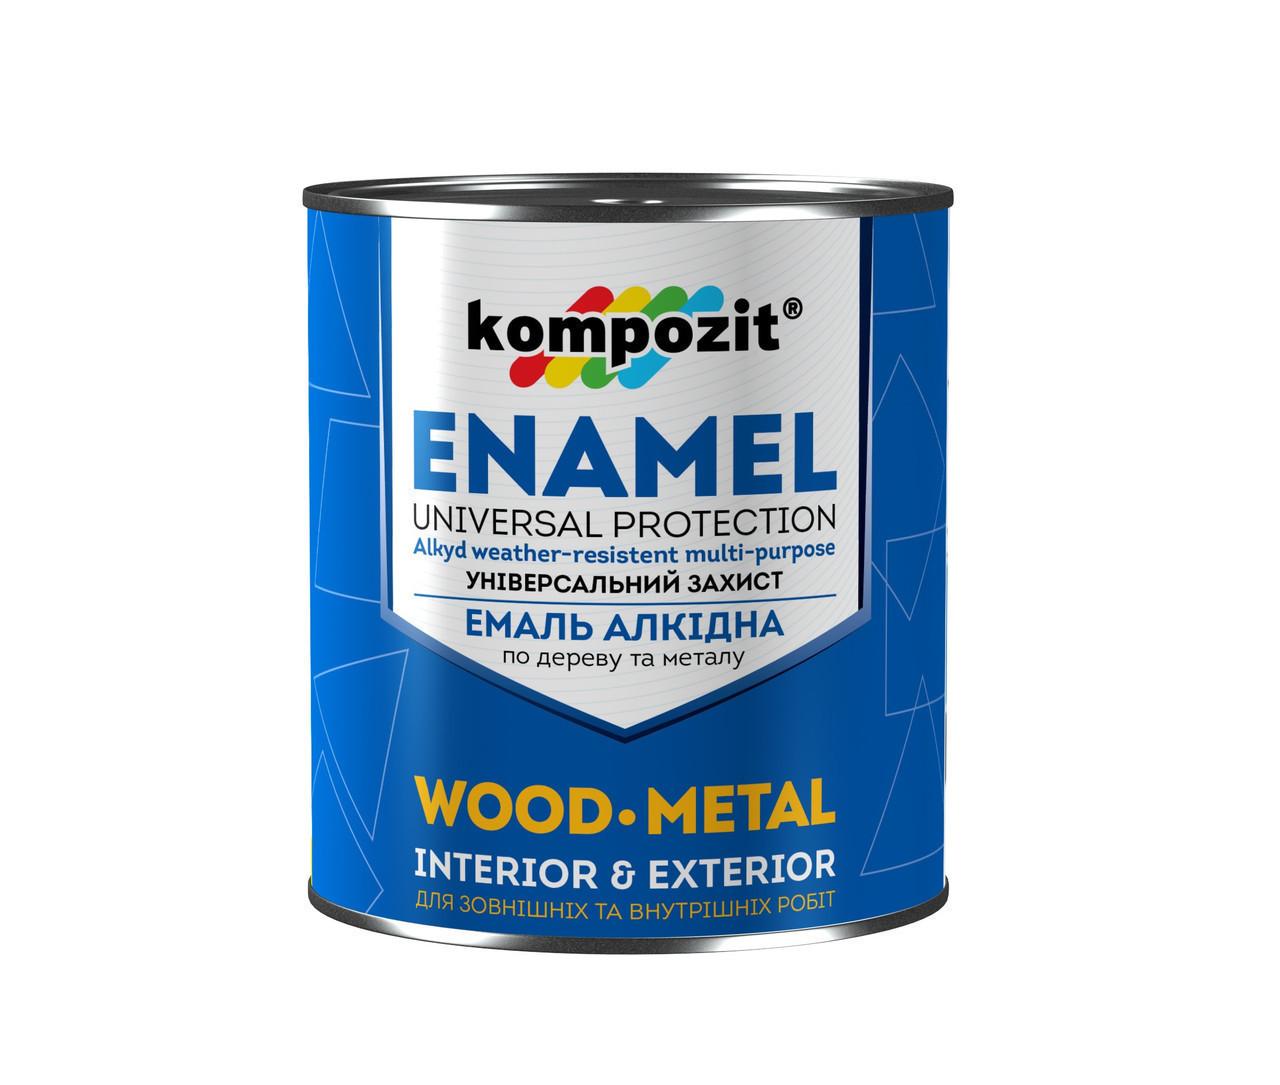 Емаль алкідна по дереву і металу Kompozit Enamel 2.8 кг Яскраво-зелений